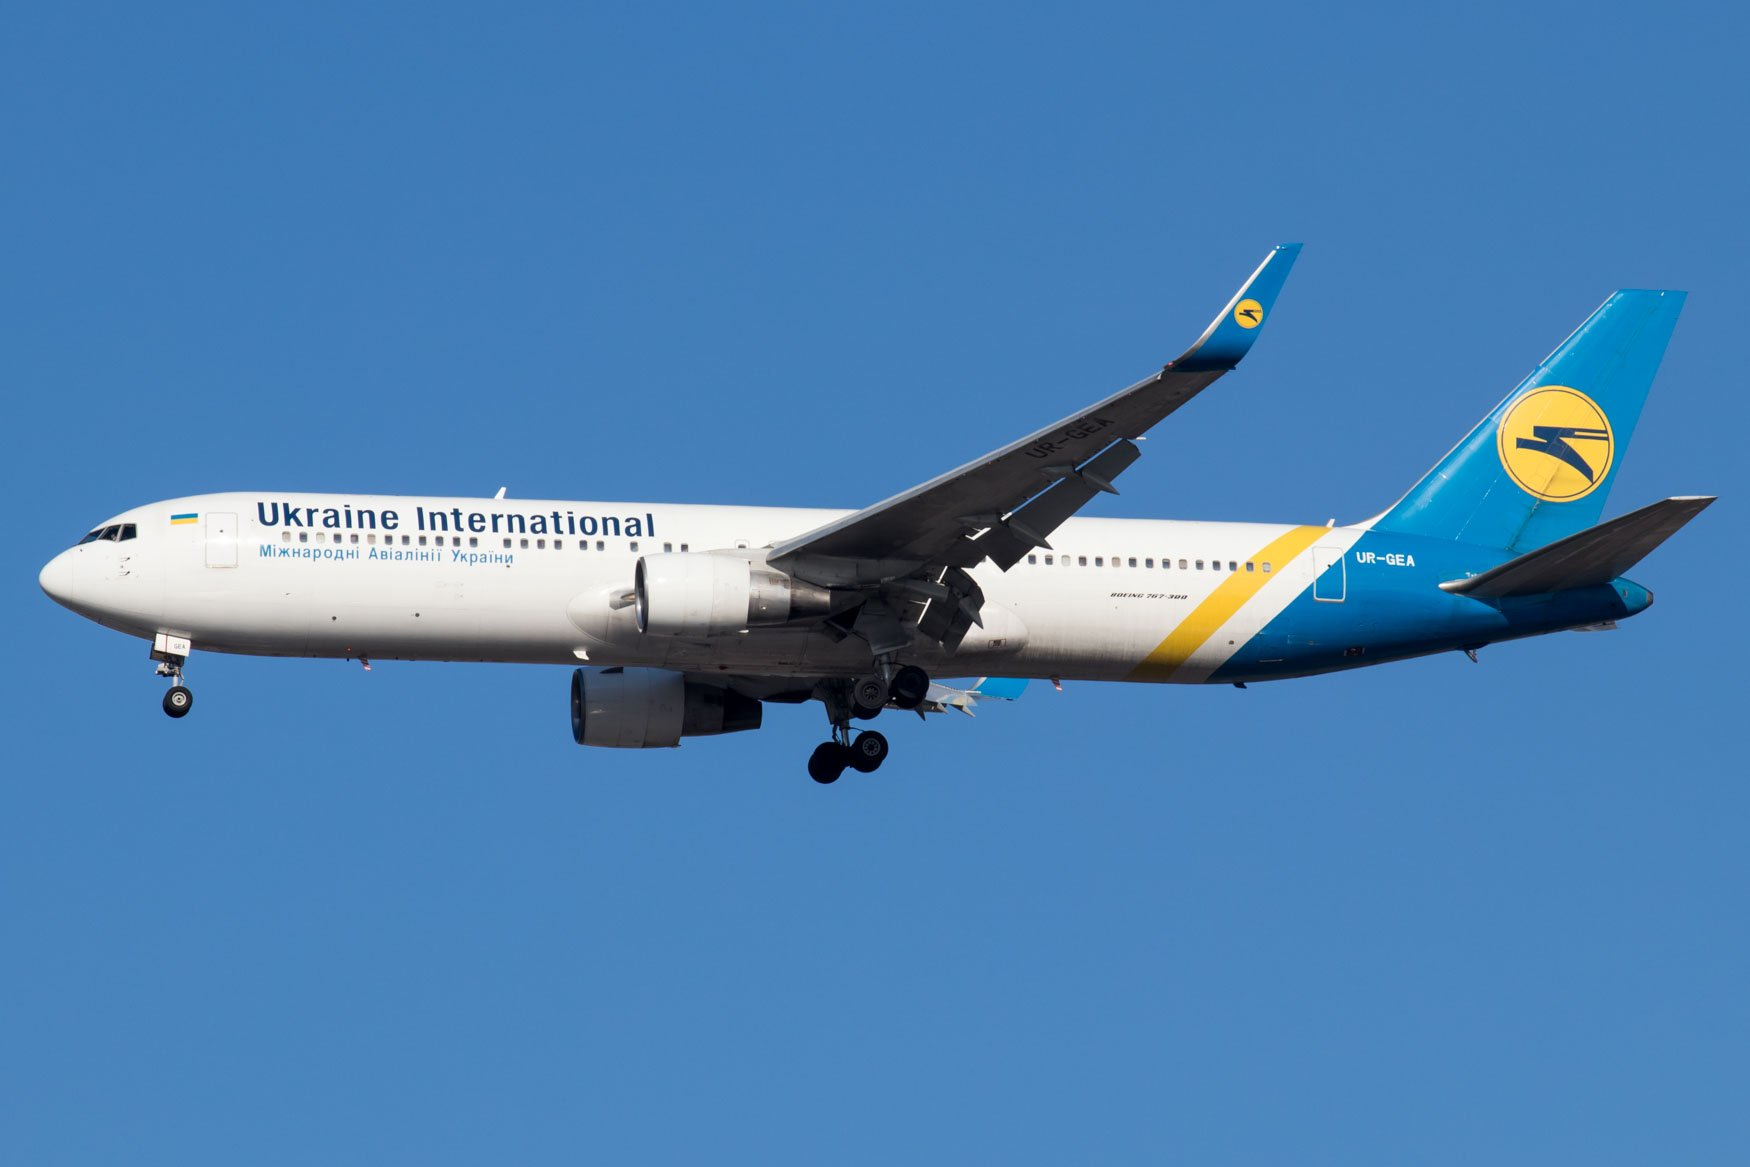 Ukraine International 767-300ER Landing at JFK